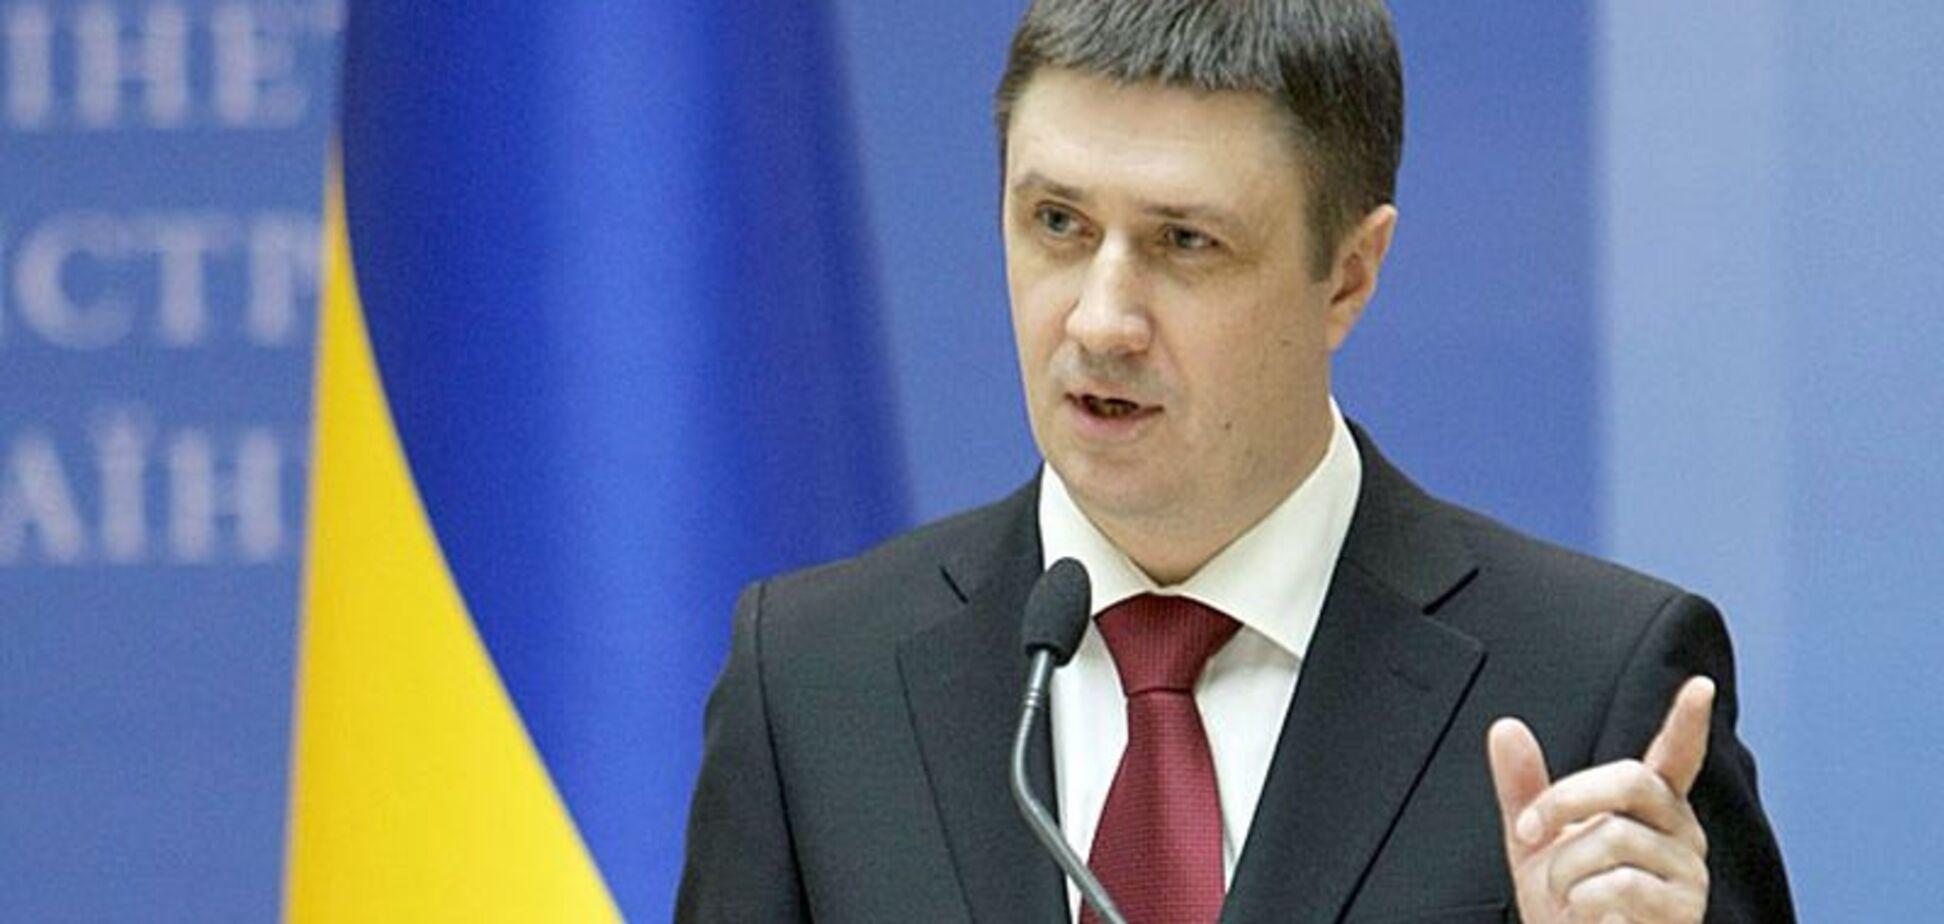 Вандали викрали бюст Чорновола з музею: Кириленко виступив із вимогою